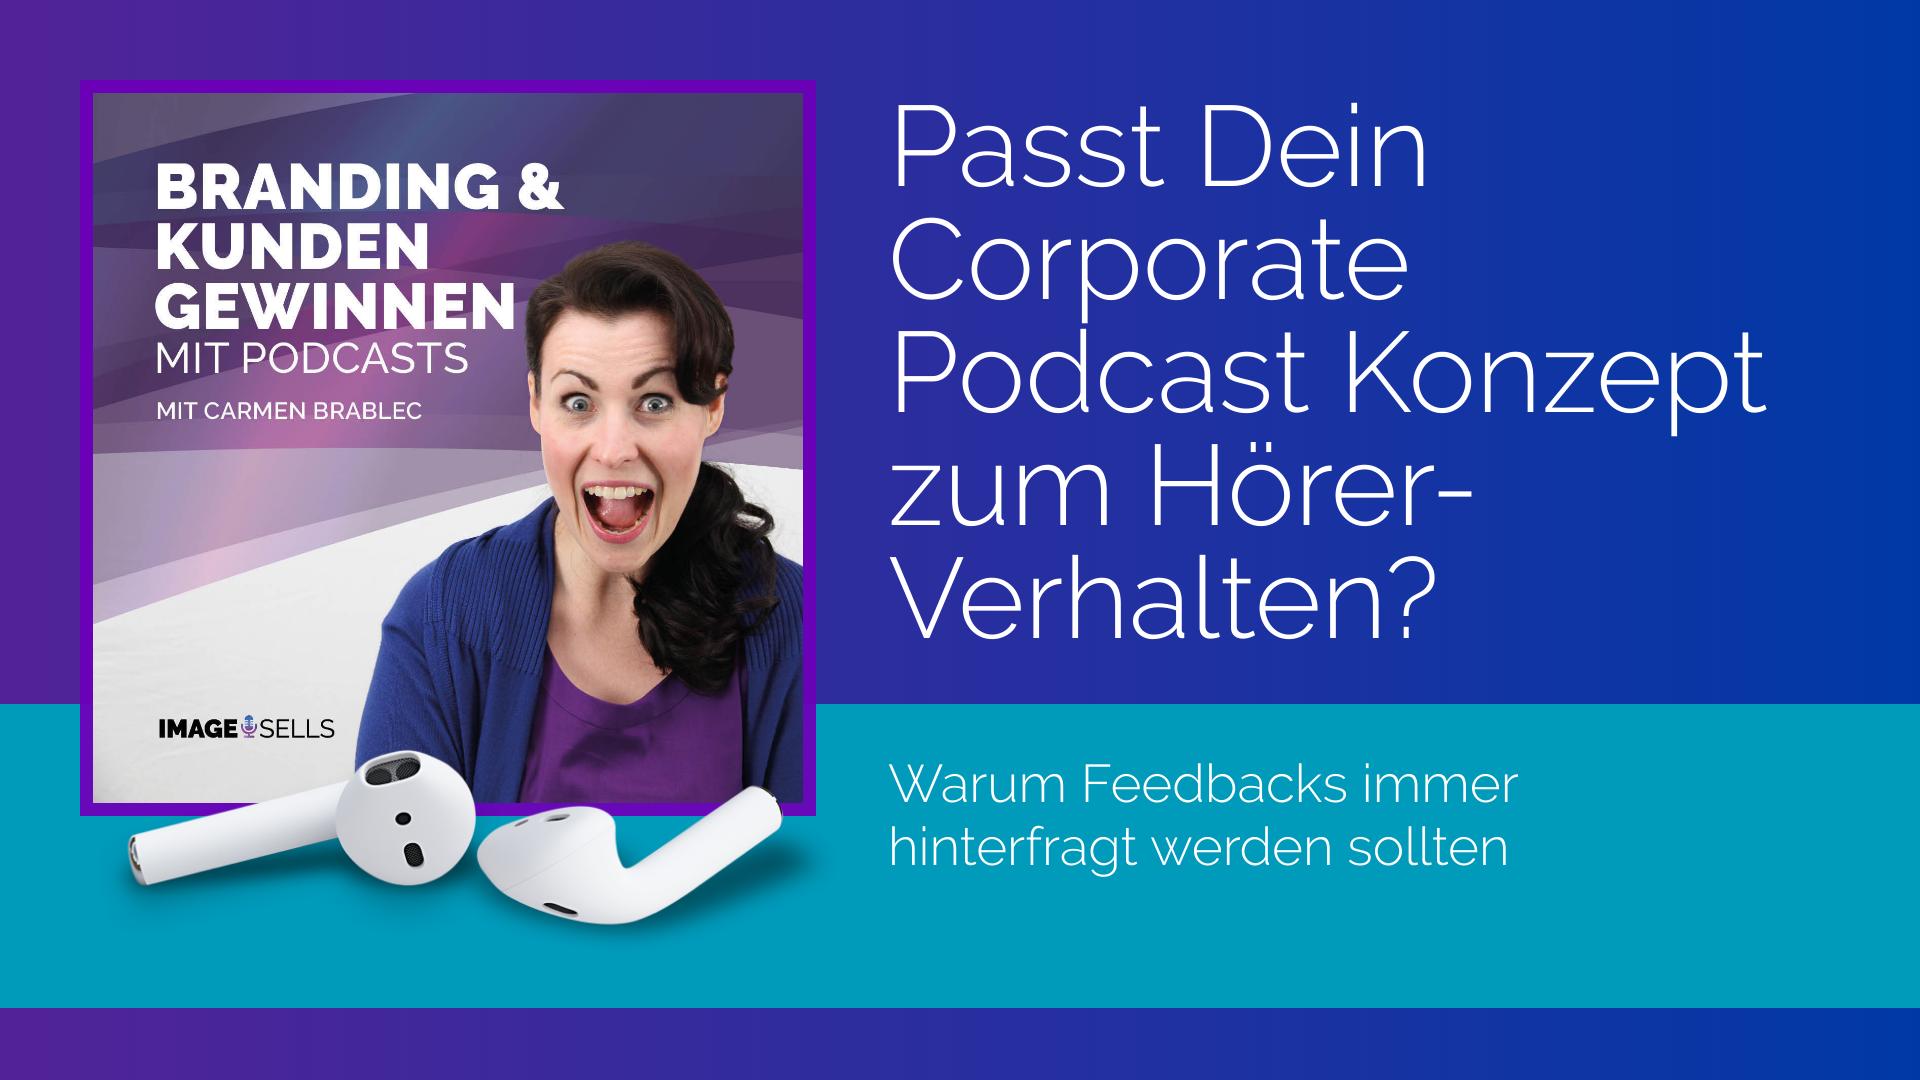 Passt Dein Corporate Podcast Konzept zum Hörer-Verhalten?